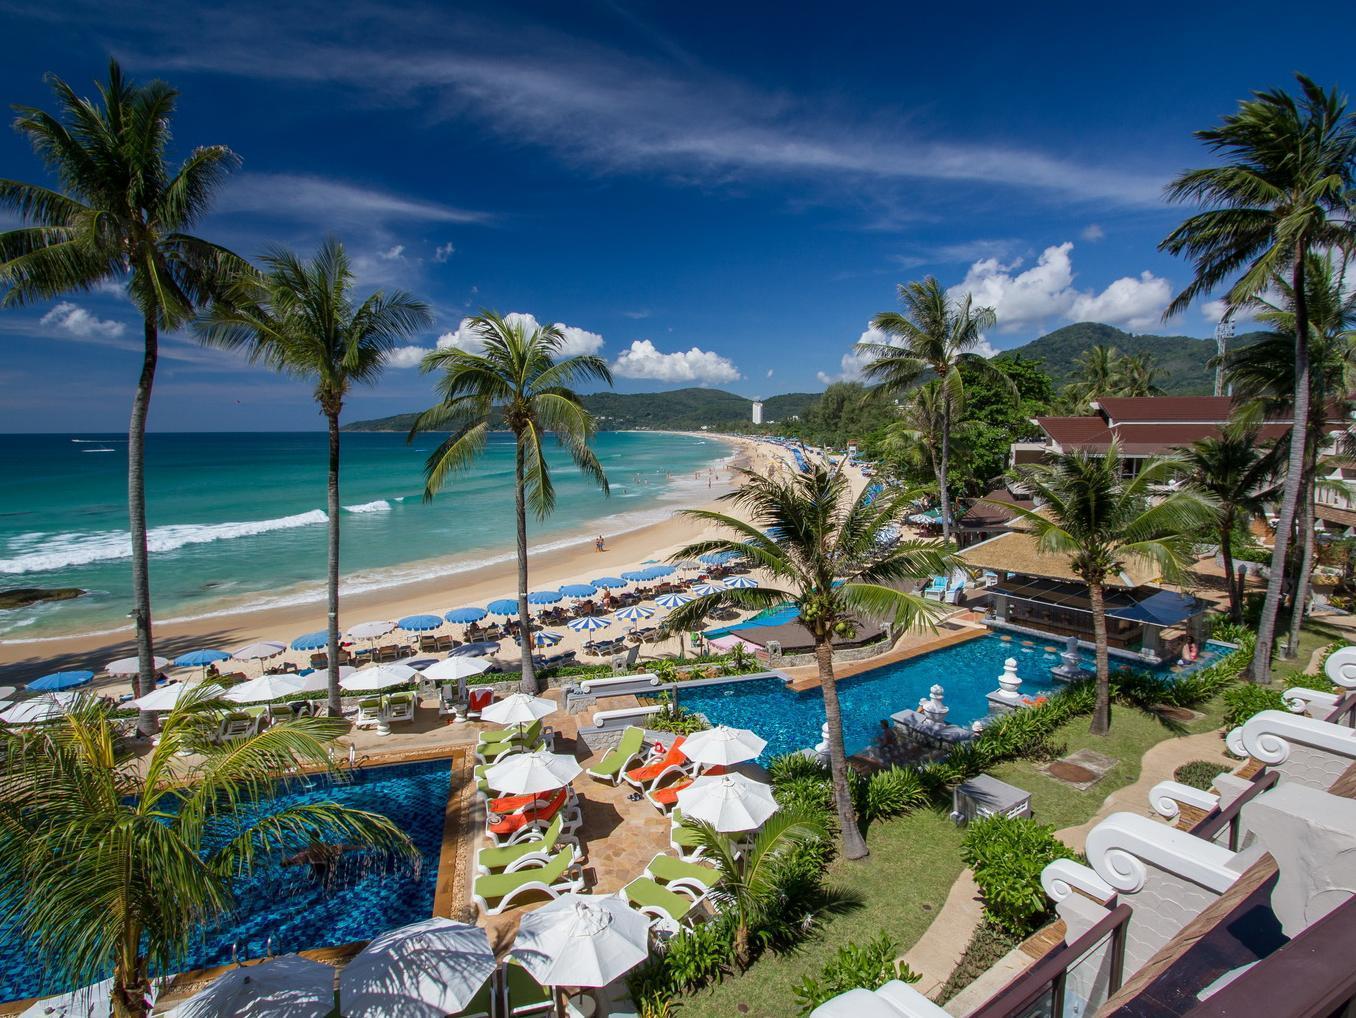 Фото отелей на пляже карон пхукет